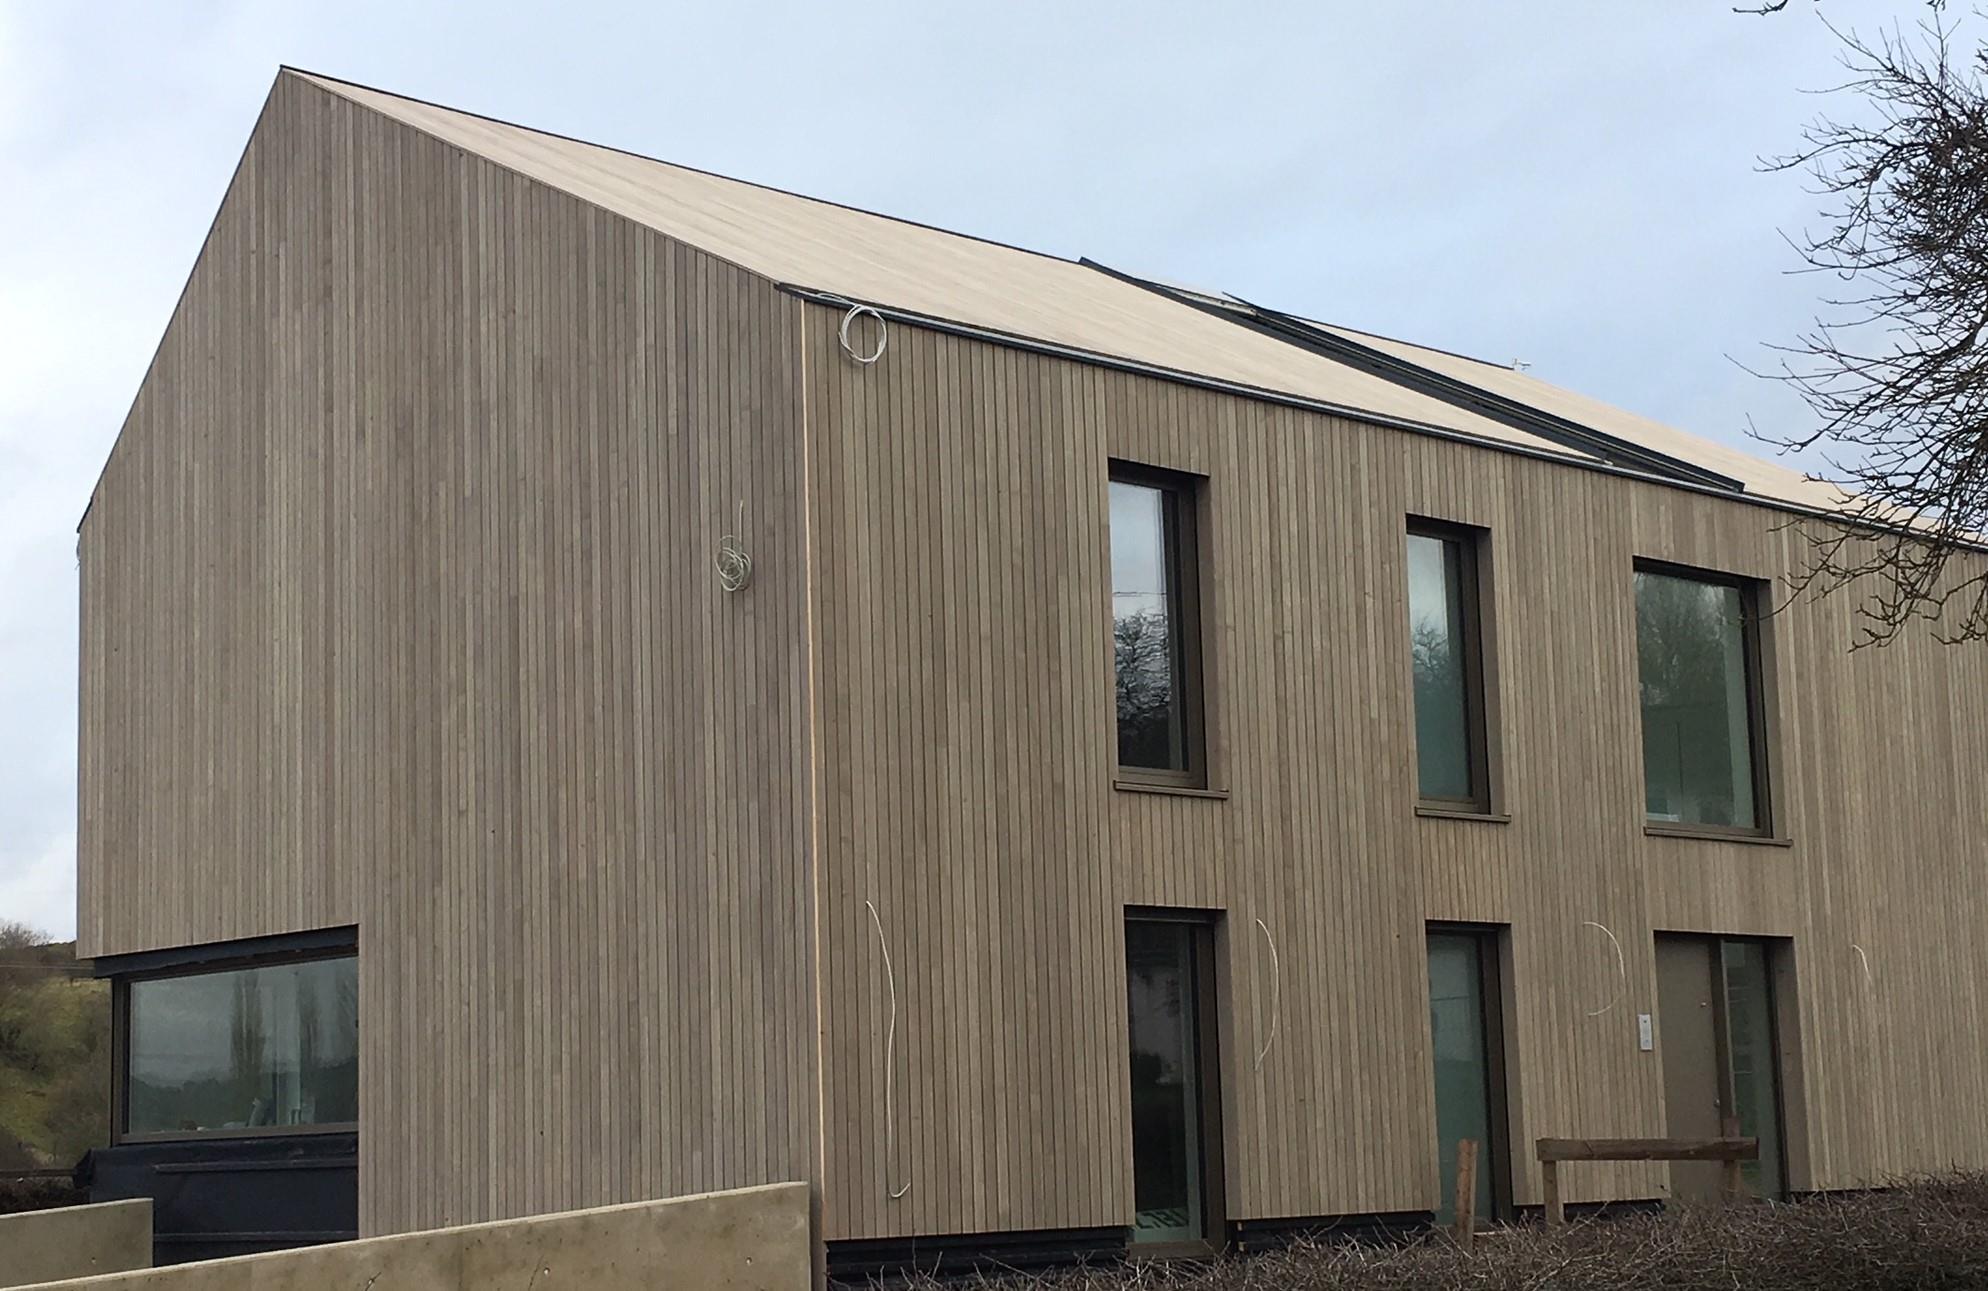 Holzfassaden Schreinerei Innenausbau Holzbau Charpente